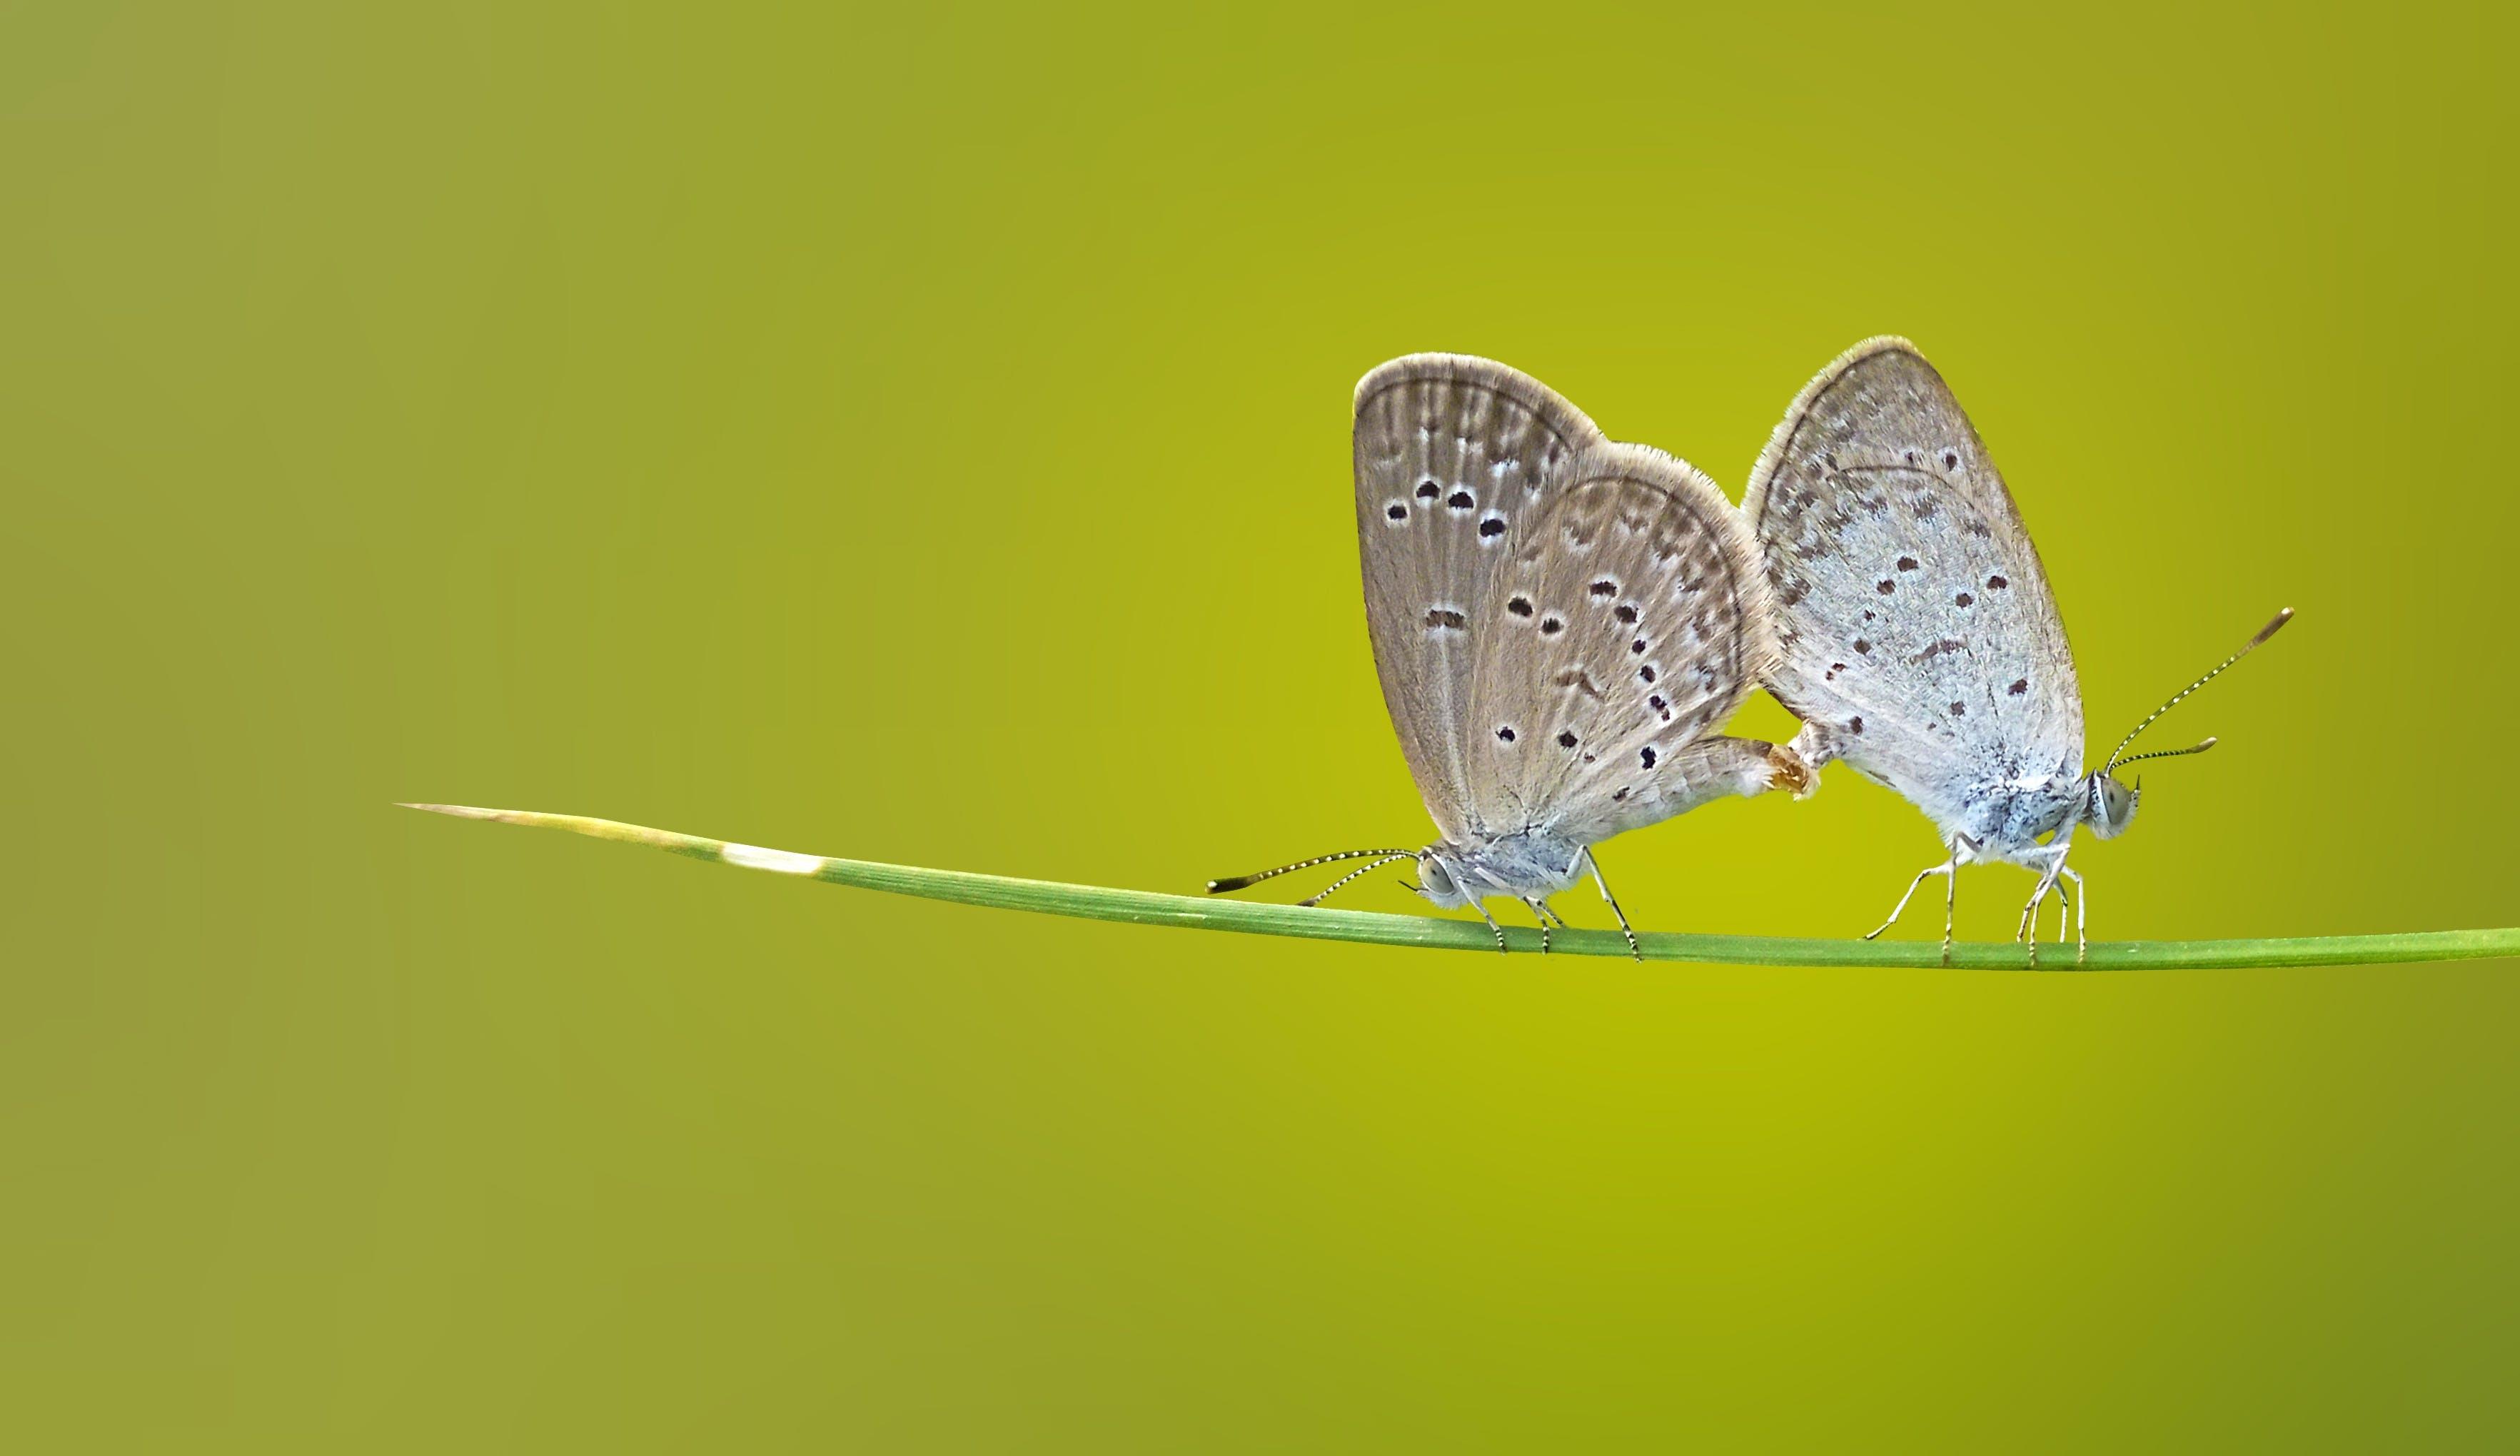 Kostenloses Stock Foto zu fauna, insekten, natur, rasse